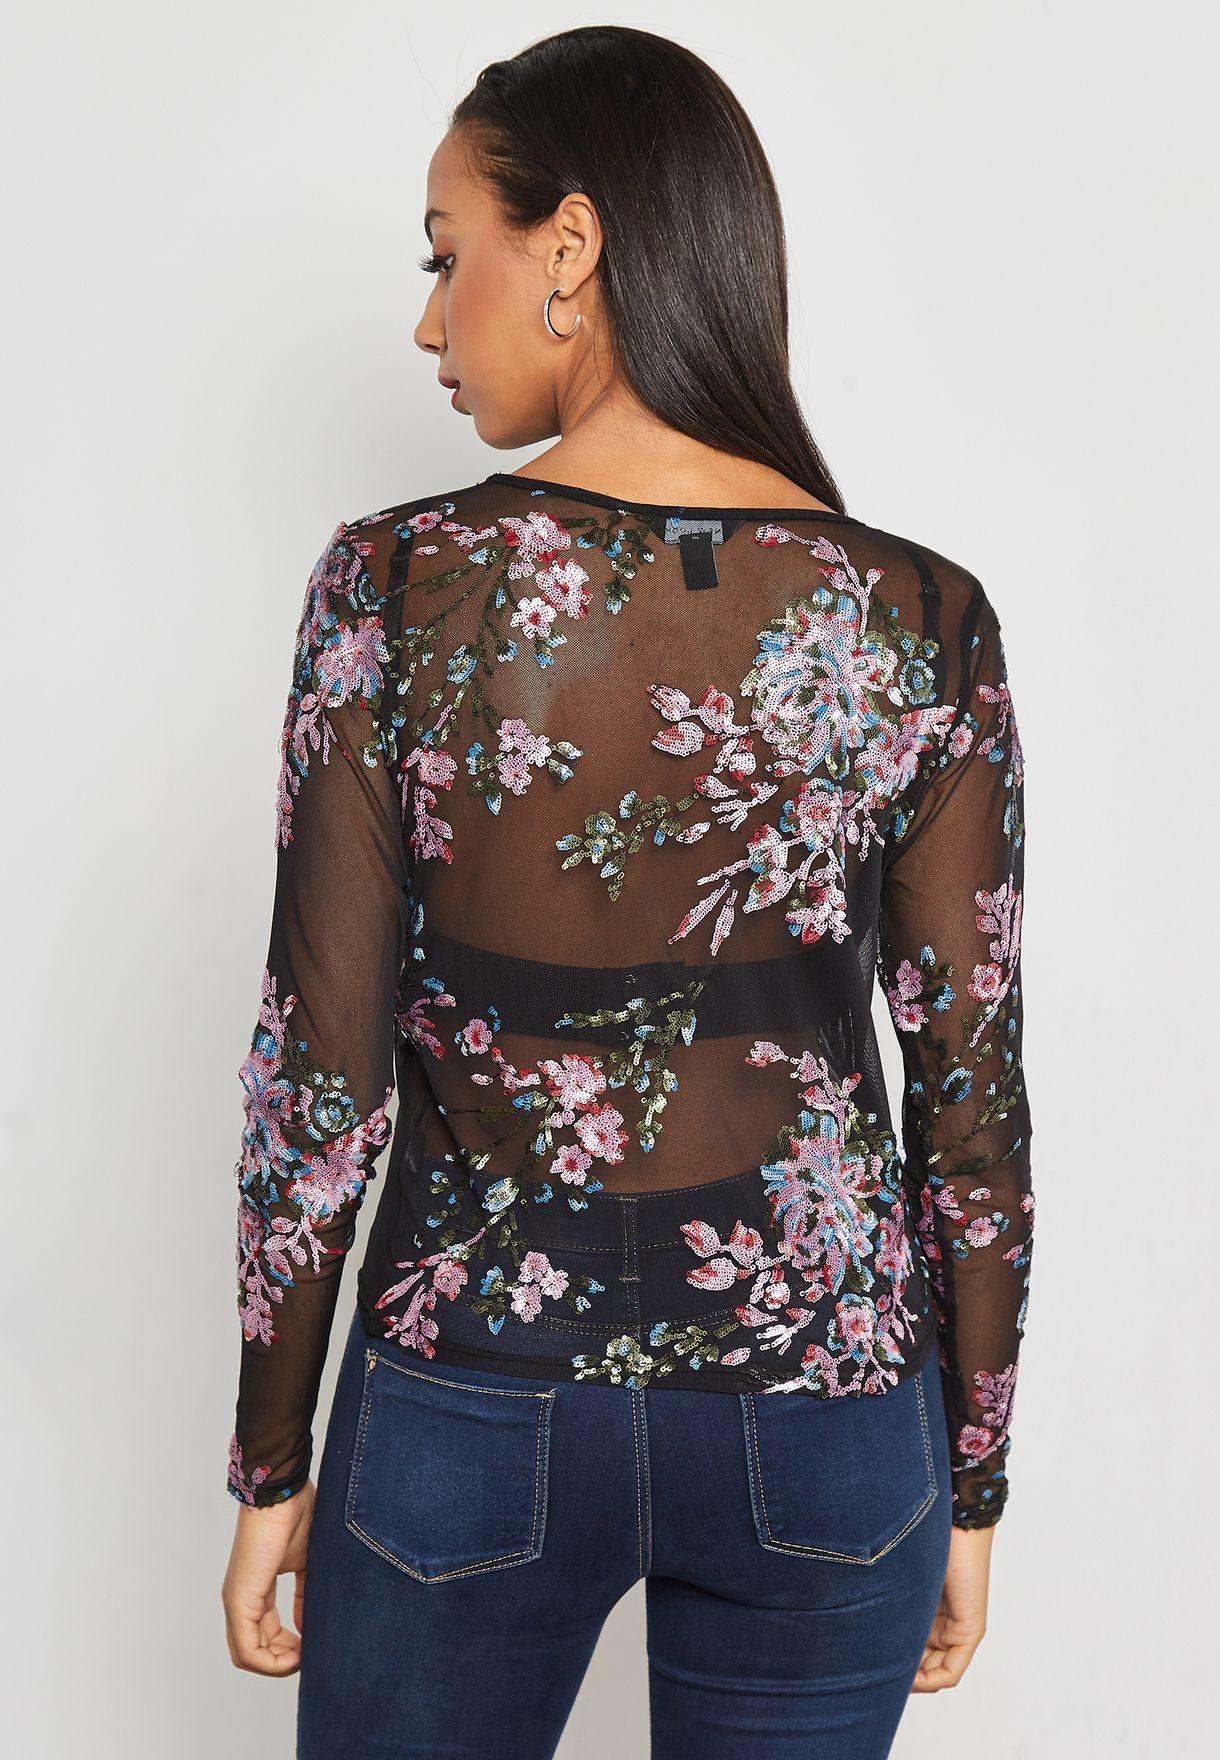 c7b46208b9b68 Shop New Look multicolor Sequin Mesh Top 548277309 for Women in ...